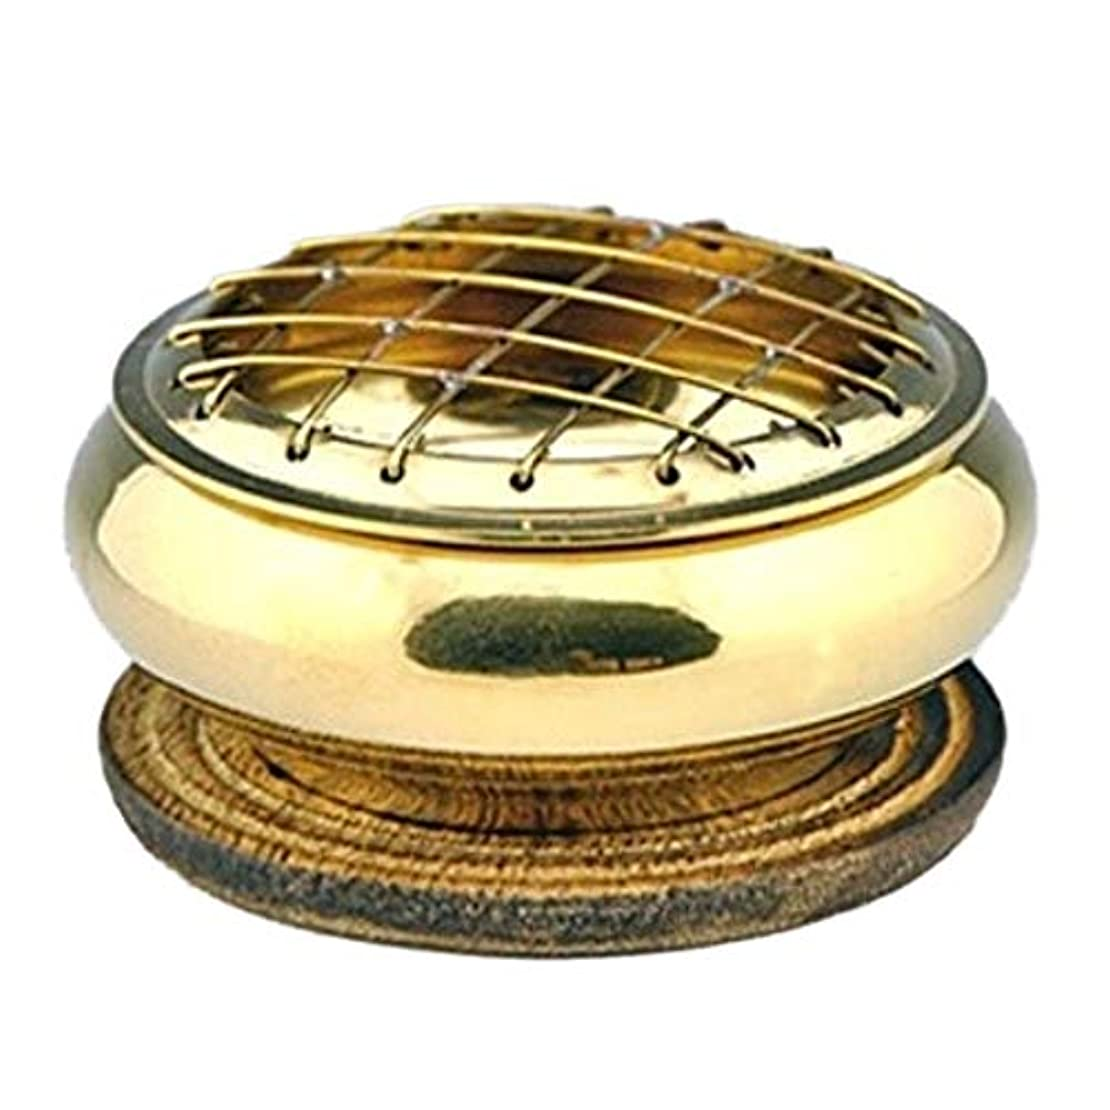 長いです提供されたレルムSacred Tiger Incense Sampler Kit with Charcoal and Burner Shipped in a Beautiful Gift/Storage Box